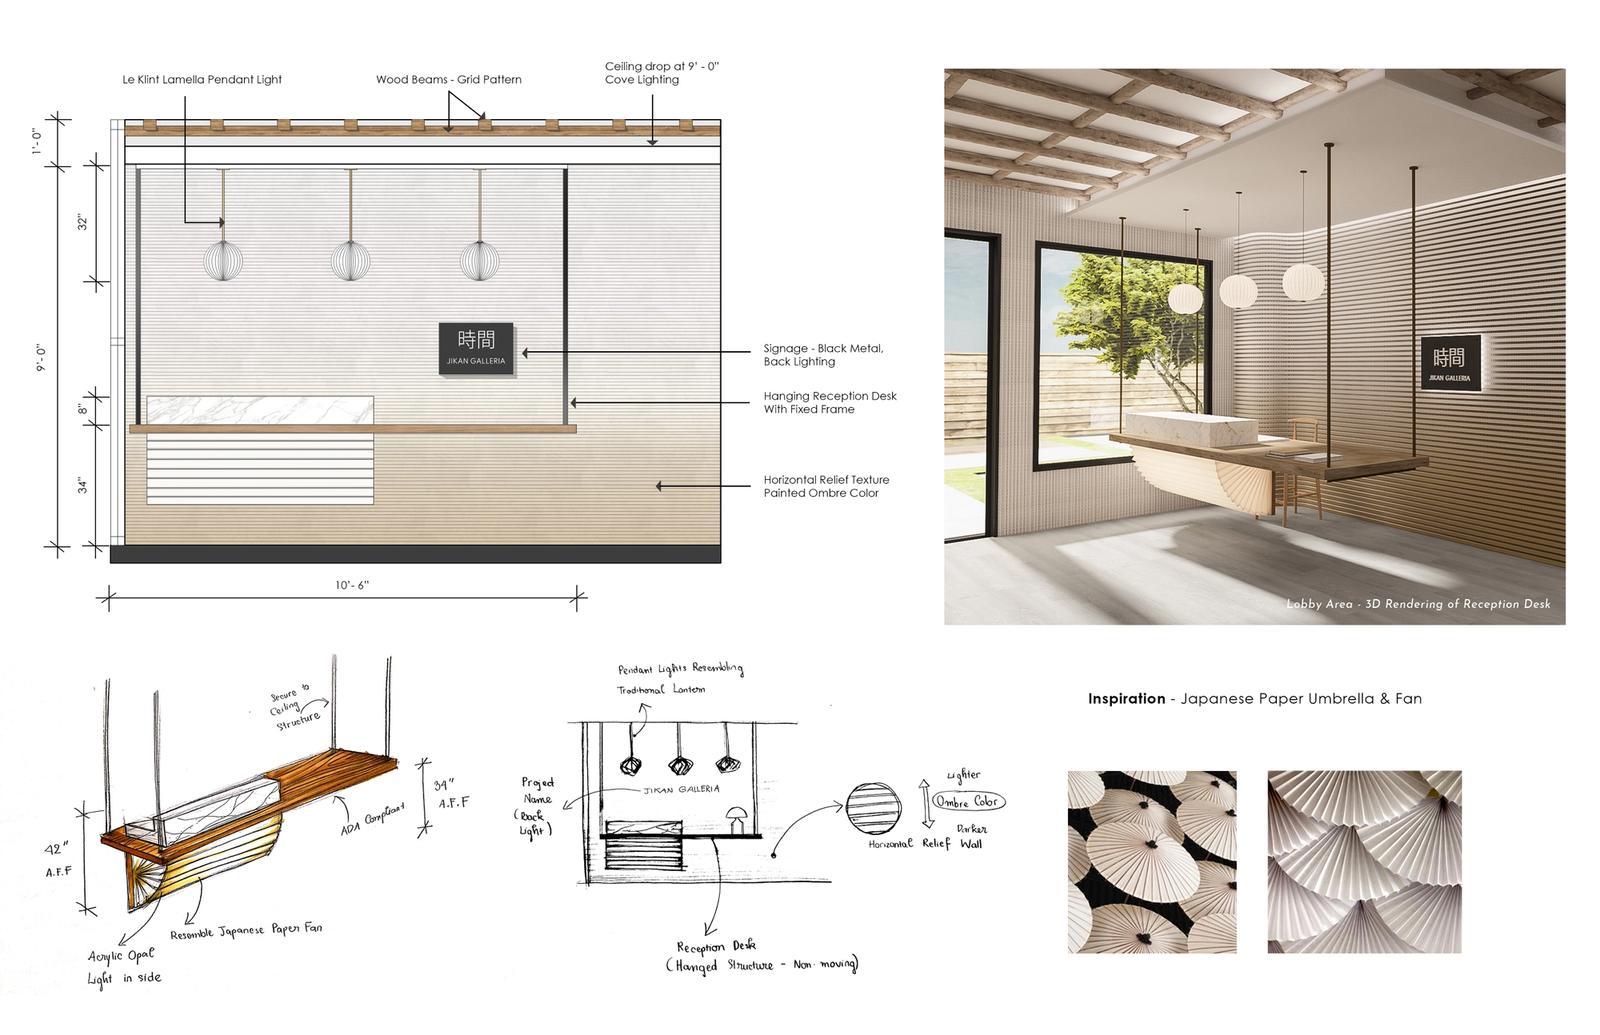 Jikan Galleria - Reception Desk Design